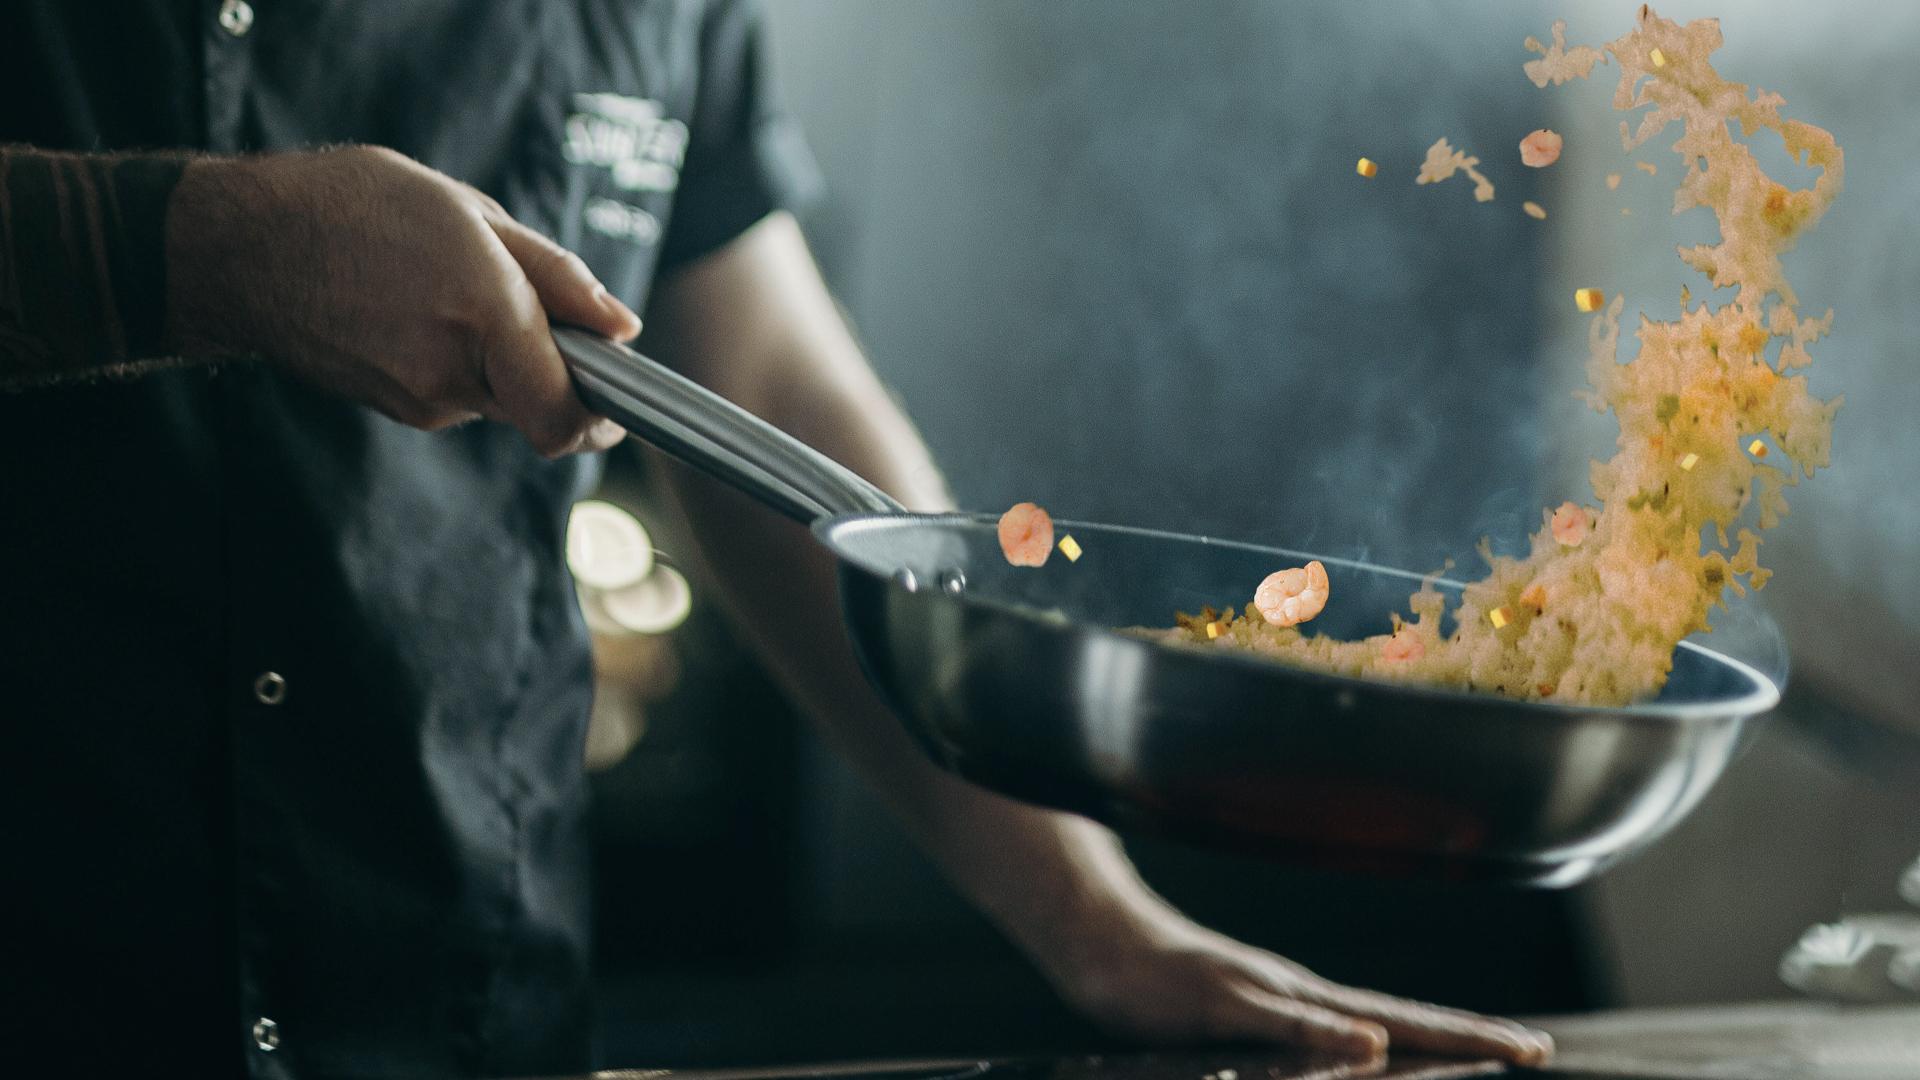 廚師在製作鳳梨蝦仁炒飯